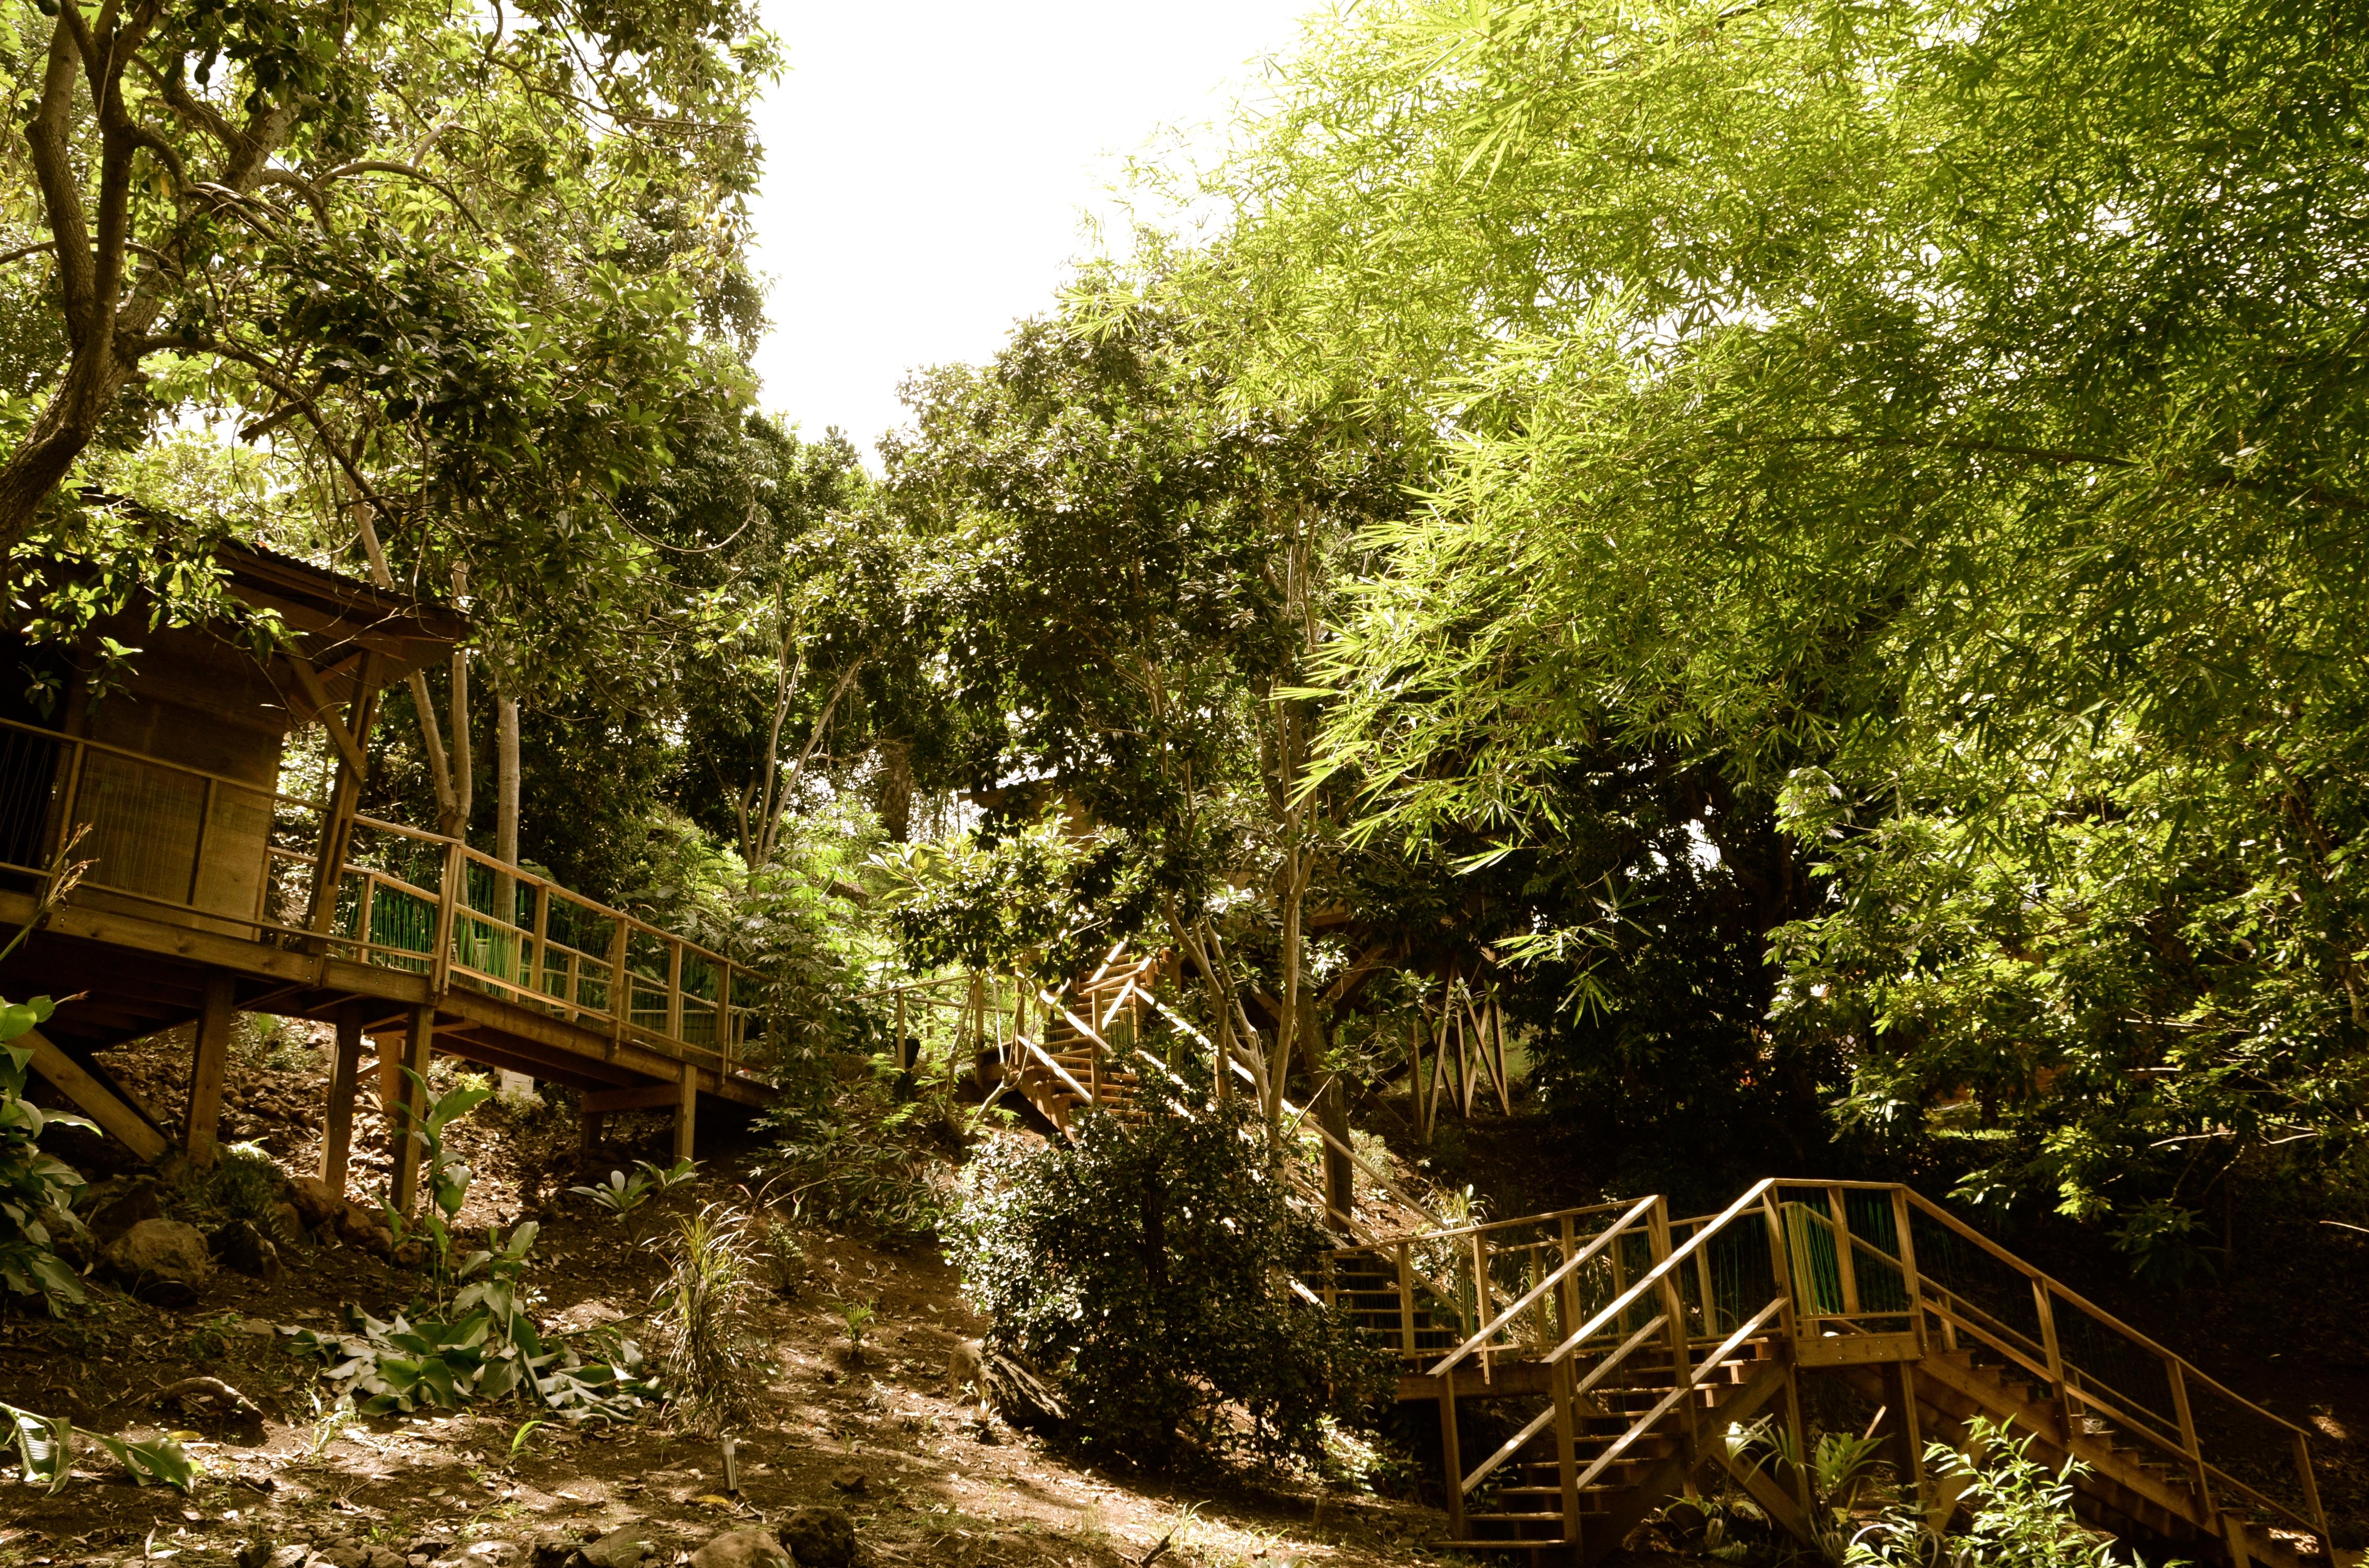 Grand pont de bois